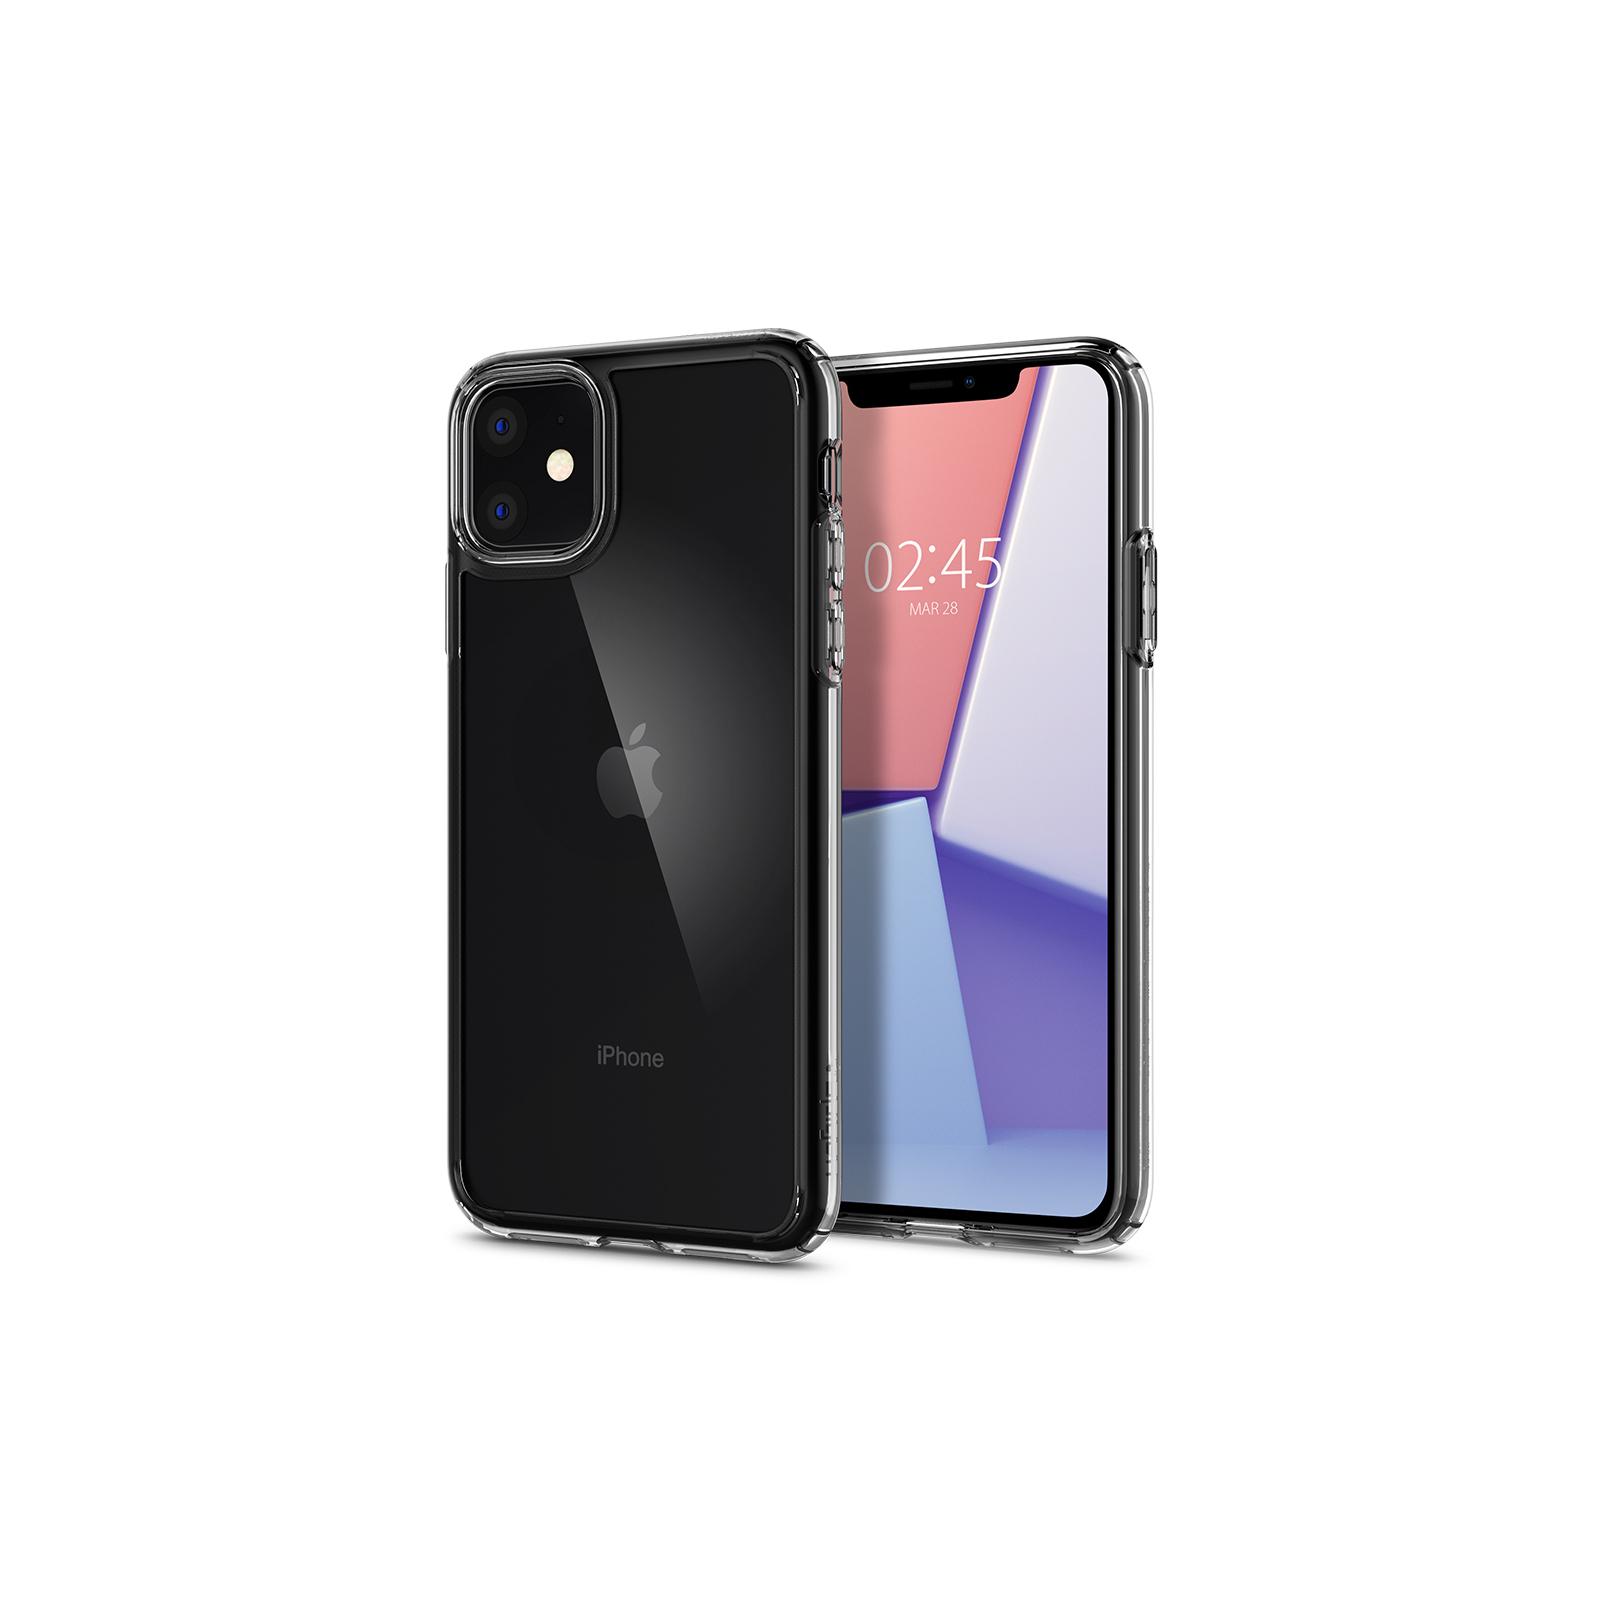 Чехол для моб. телефона Spigen iPhone 11 Crystal Hybrid, Crystal Clear (076CS27086) изображение 2